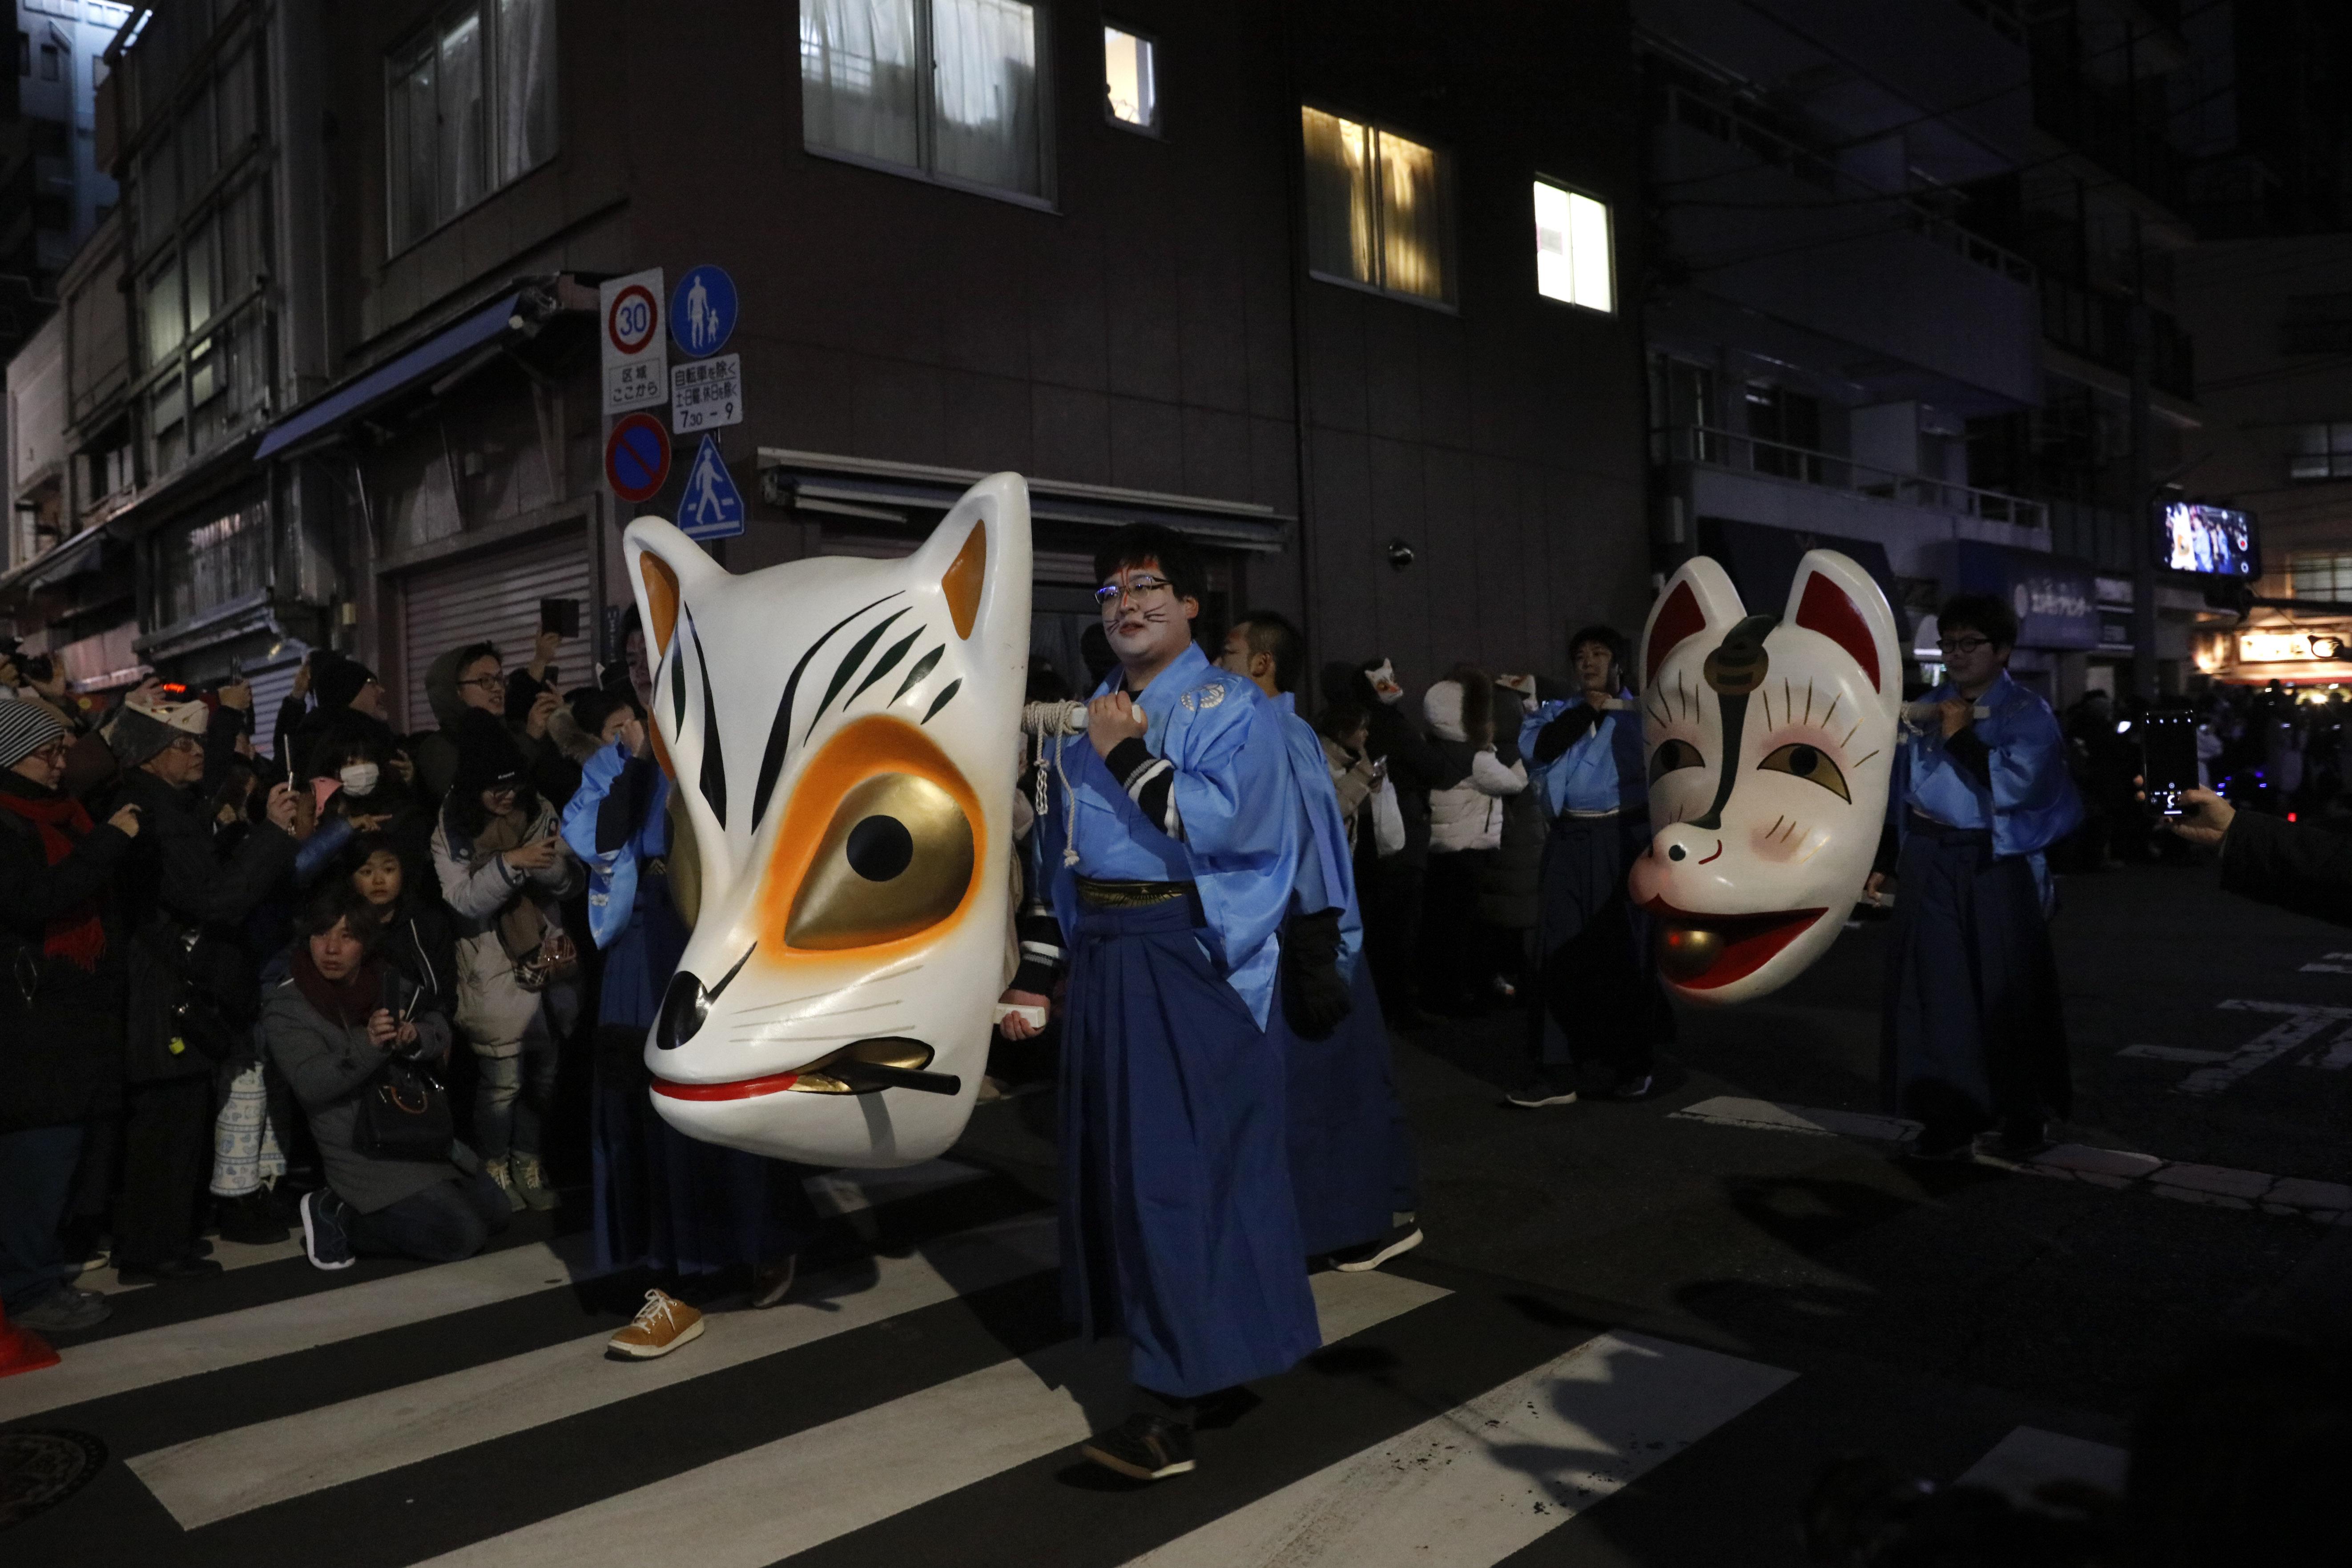 Un desfile para la celebración del año nuevo en las calles de Tokio